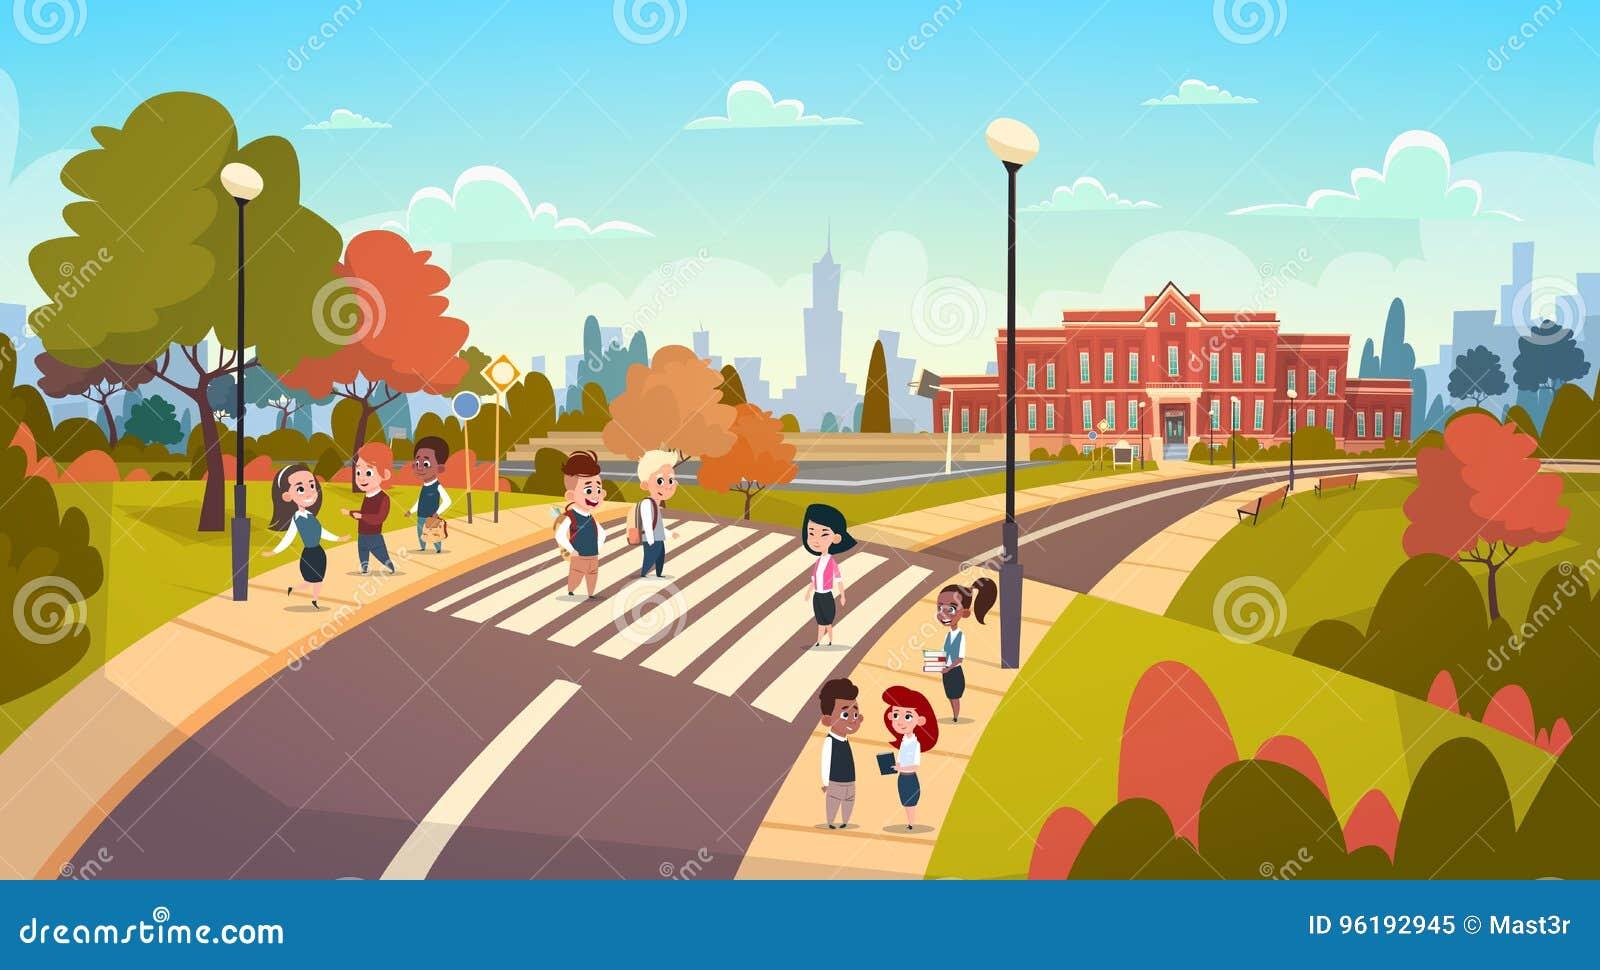 Gruppen av elever som går på studenter för övergångsställeblandninglopp, går till skolakorsningen gata